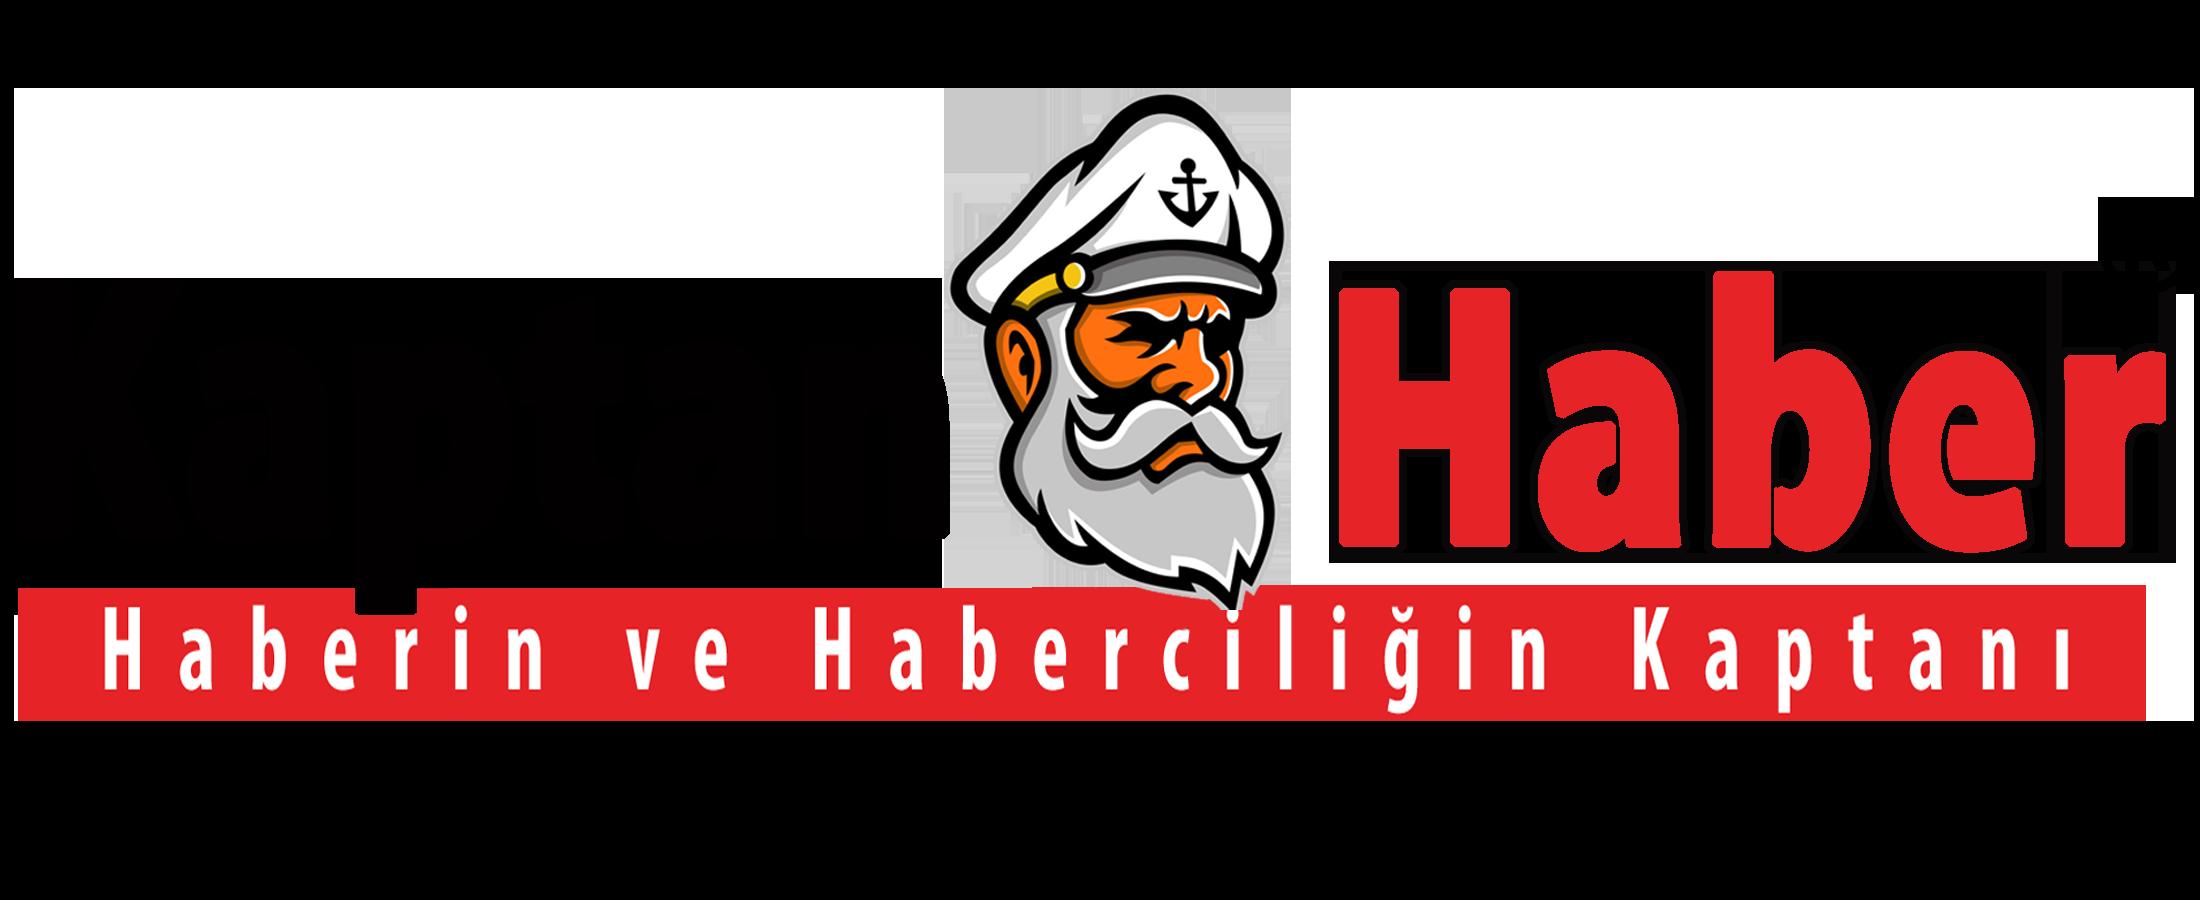 Kaptan Haber | Kaptan Haber Ajansı- Denizcilik Haberleri